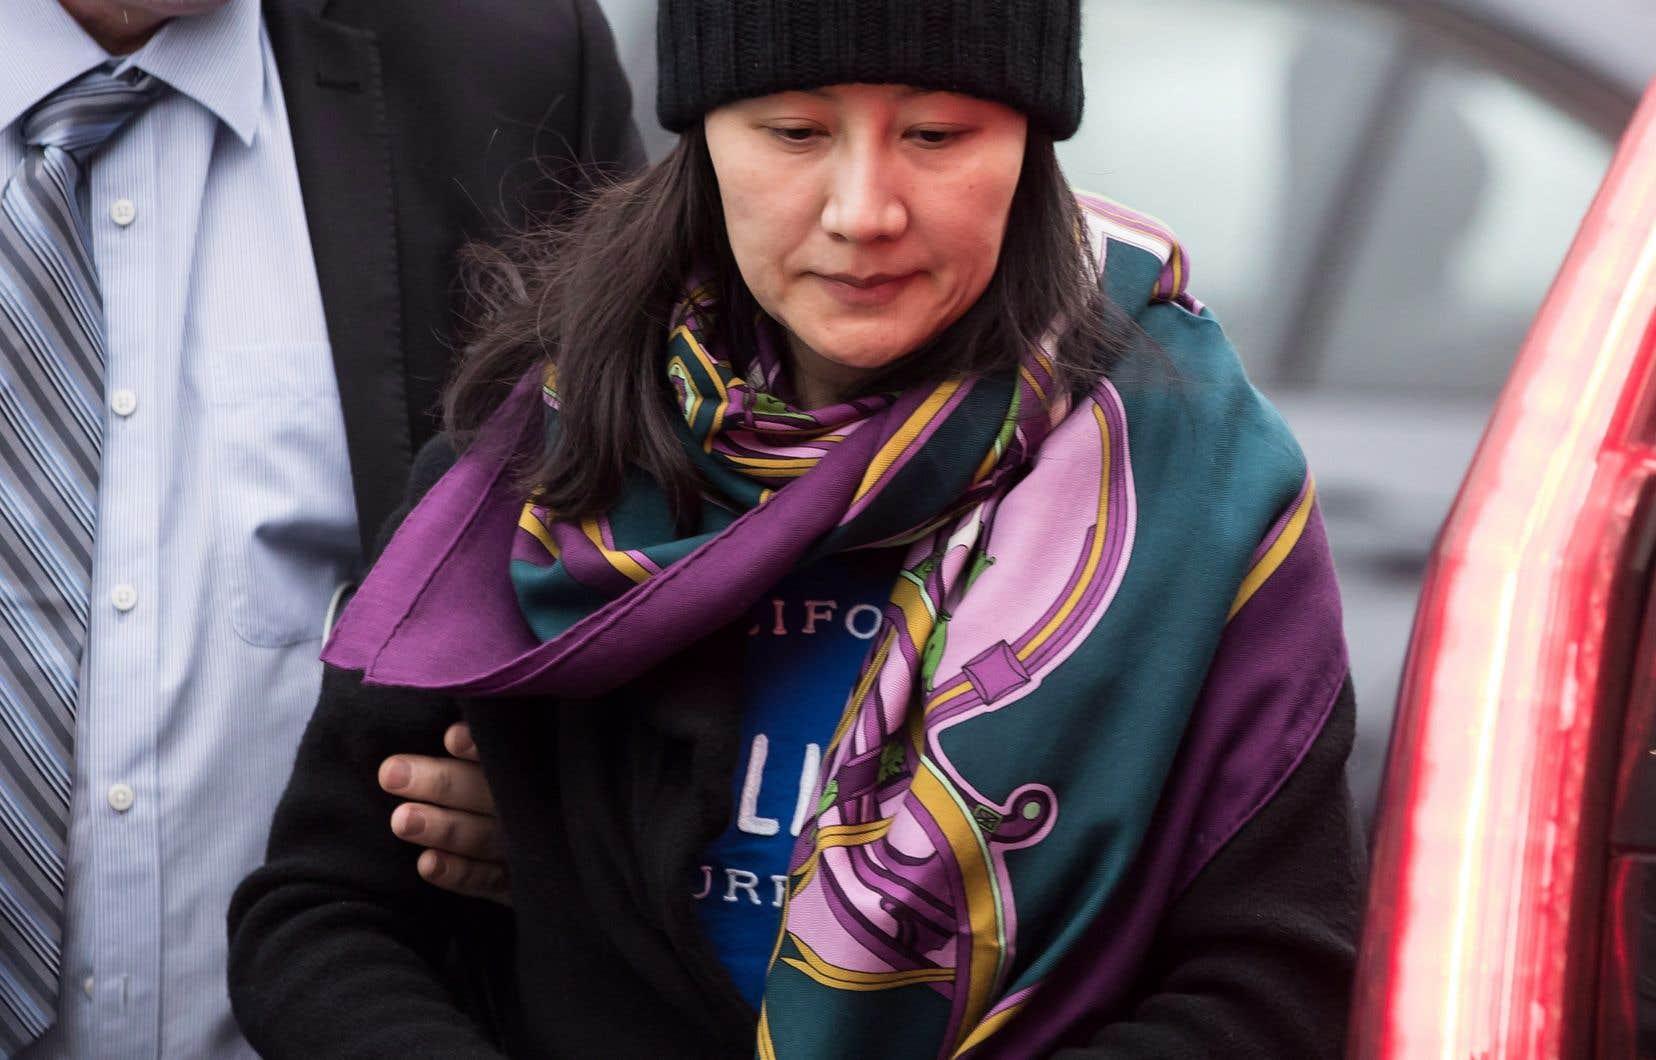 Arrêtée le 1er décembre,Meng Wanzhou a été libérée sous caution et doit comparaître devant la cour à Vancouver en février pour ce qui risque d'être un long processus judiciaire.